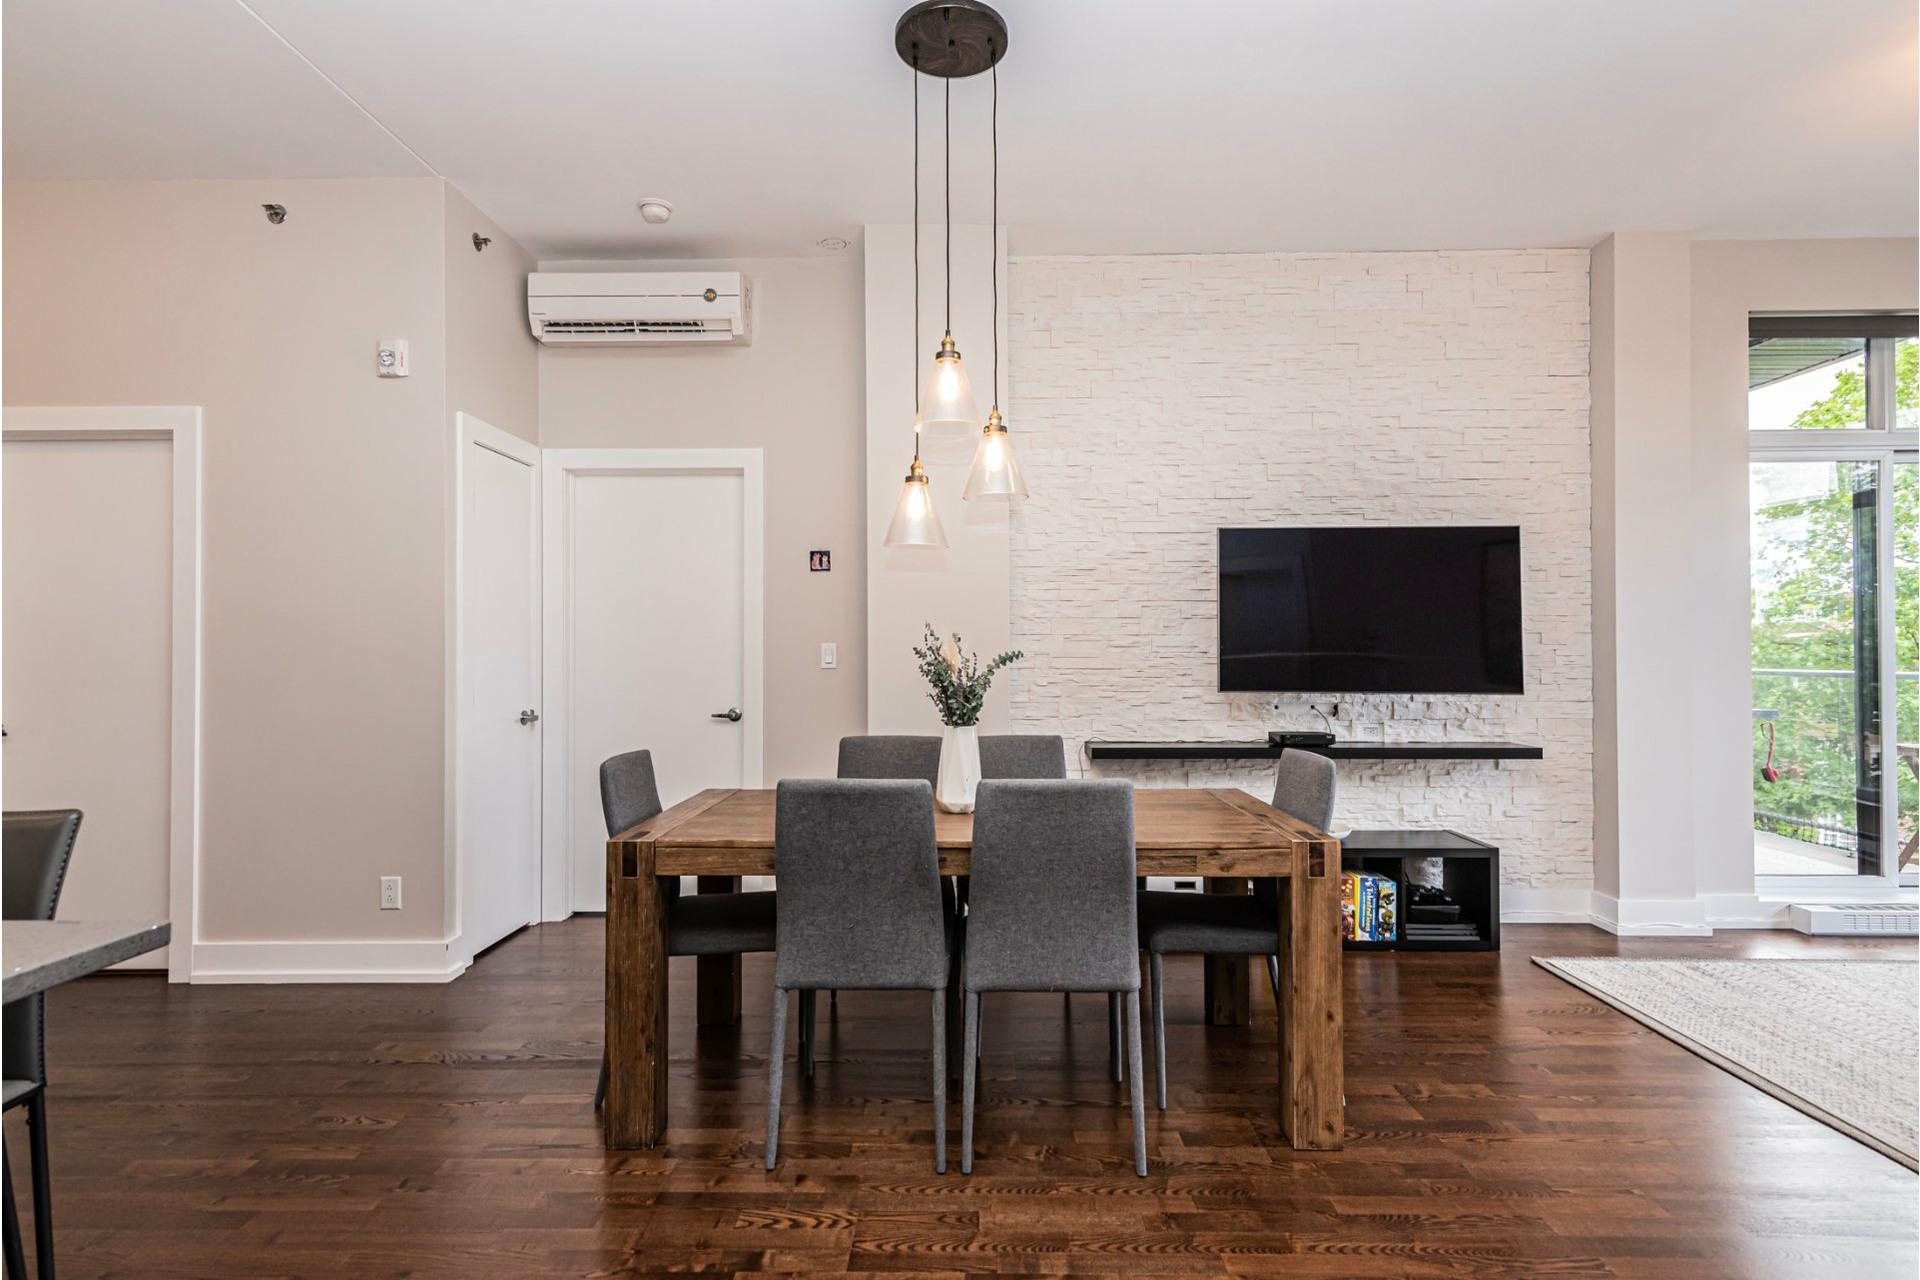 image 10 - Appartement À vendre Lachine Montréal  - 9 pièces